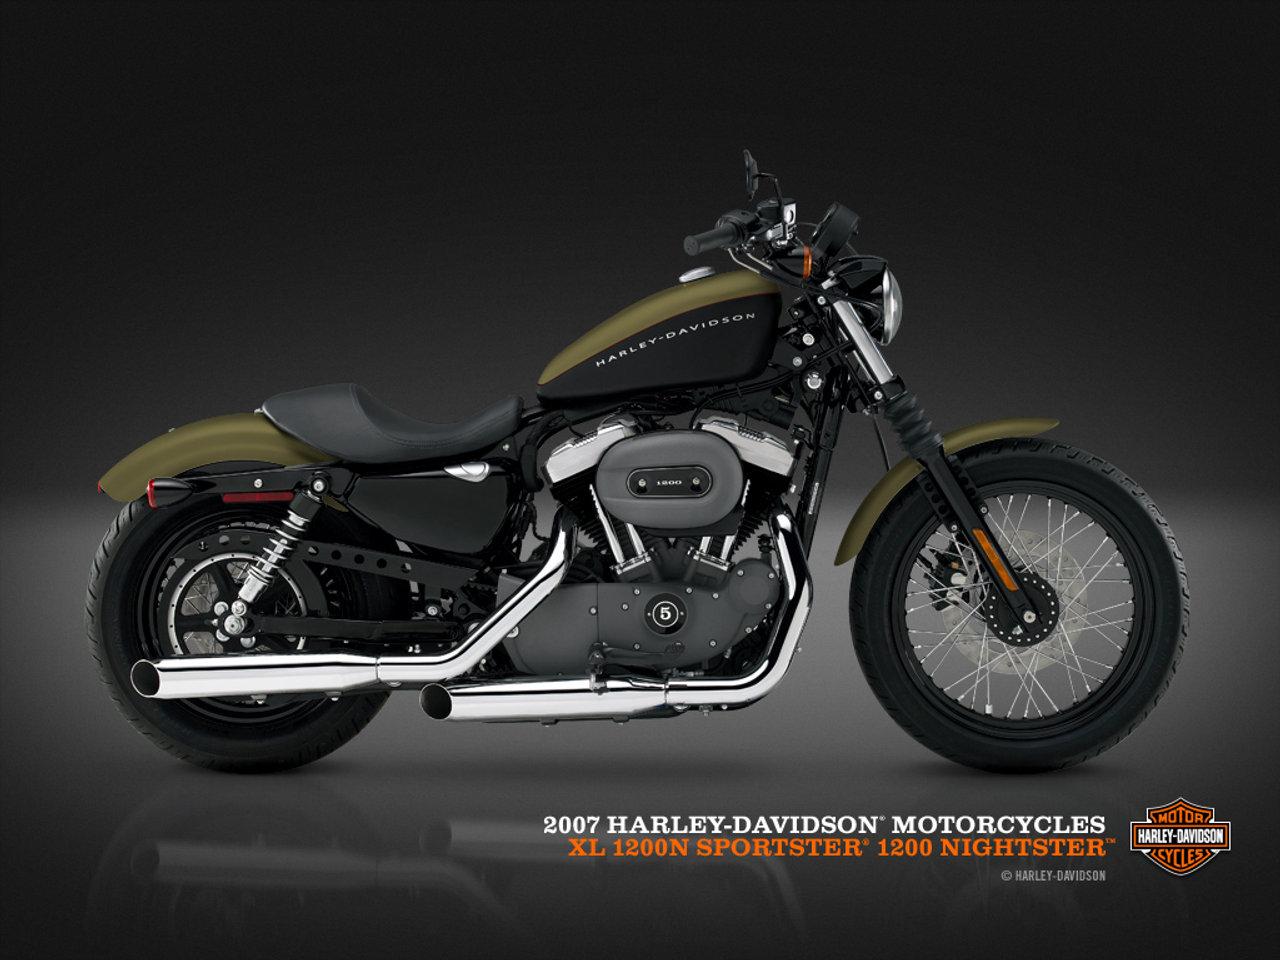 Harley Sportster Wallpaper 1280x960